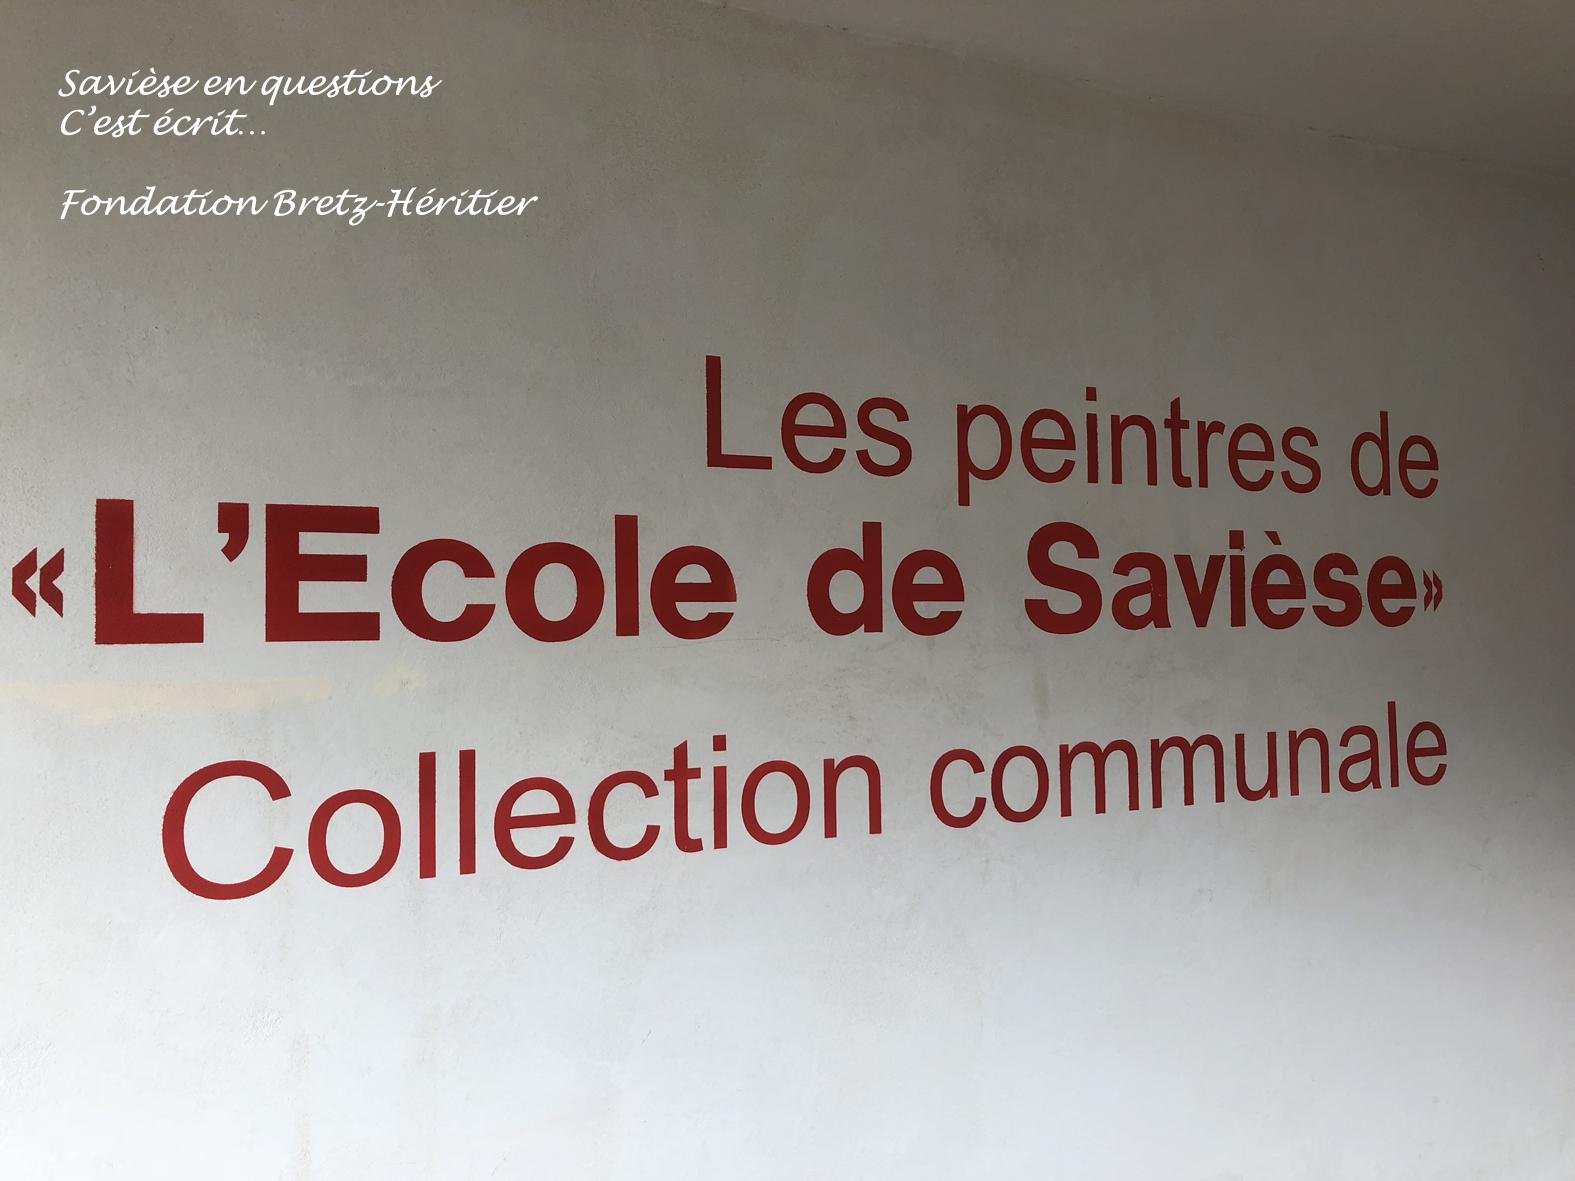 09_St-Germain, Maison de Commune